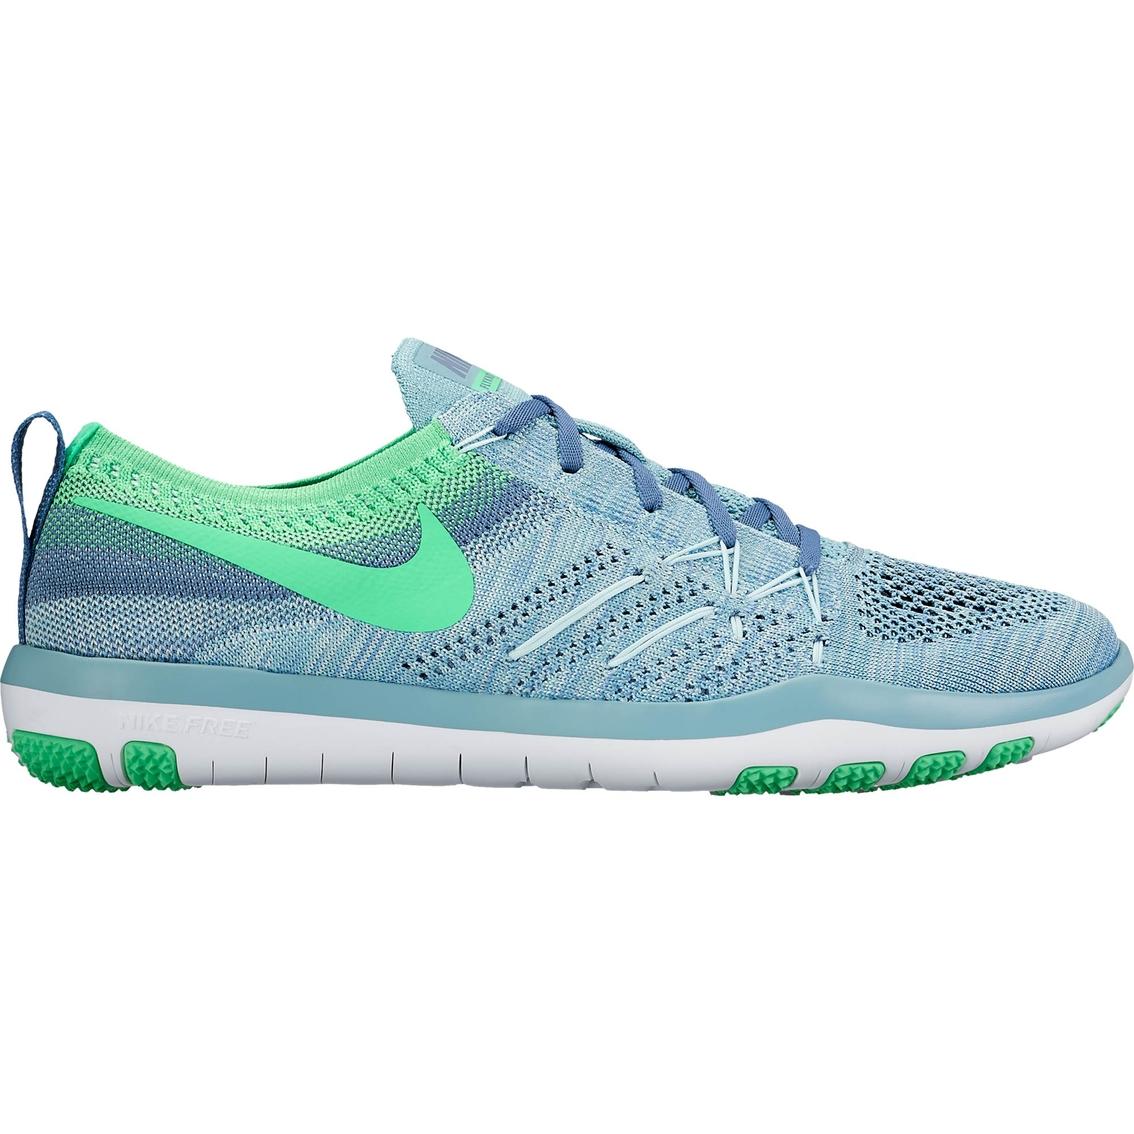 Nike Women's Free Tr Focus Flyknit Training Shoes | Cross